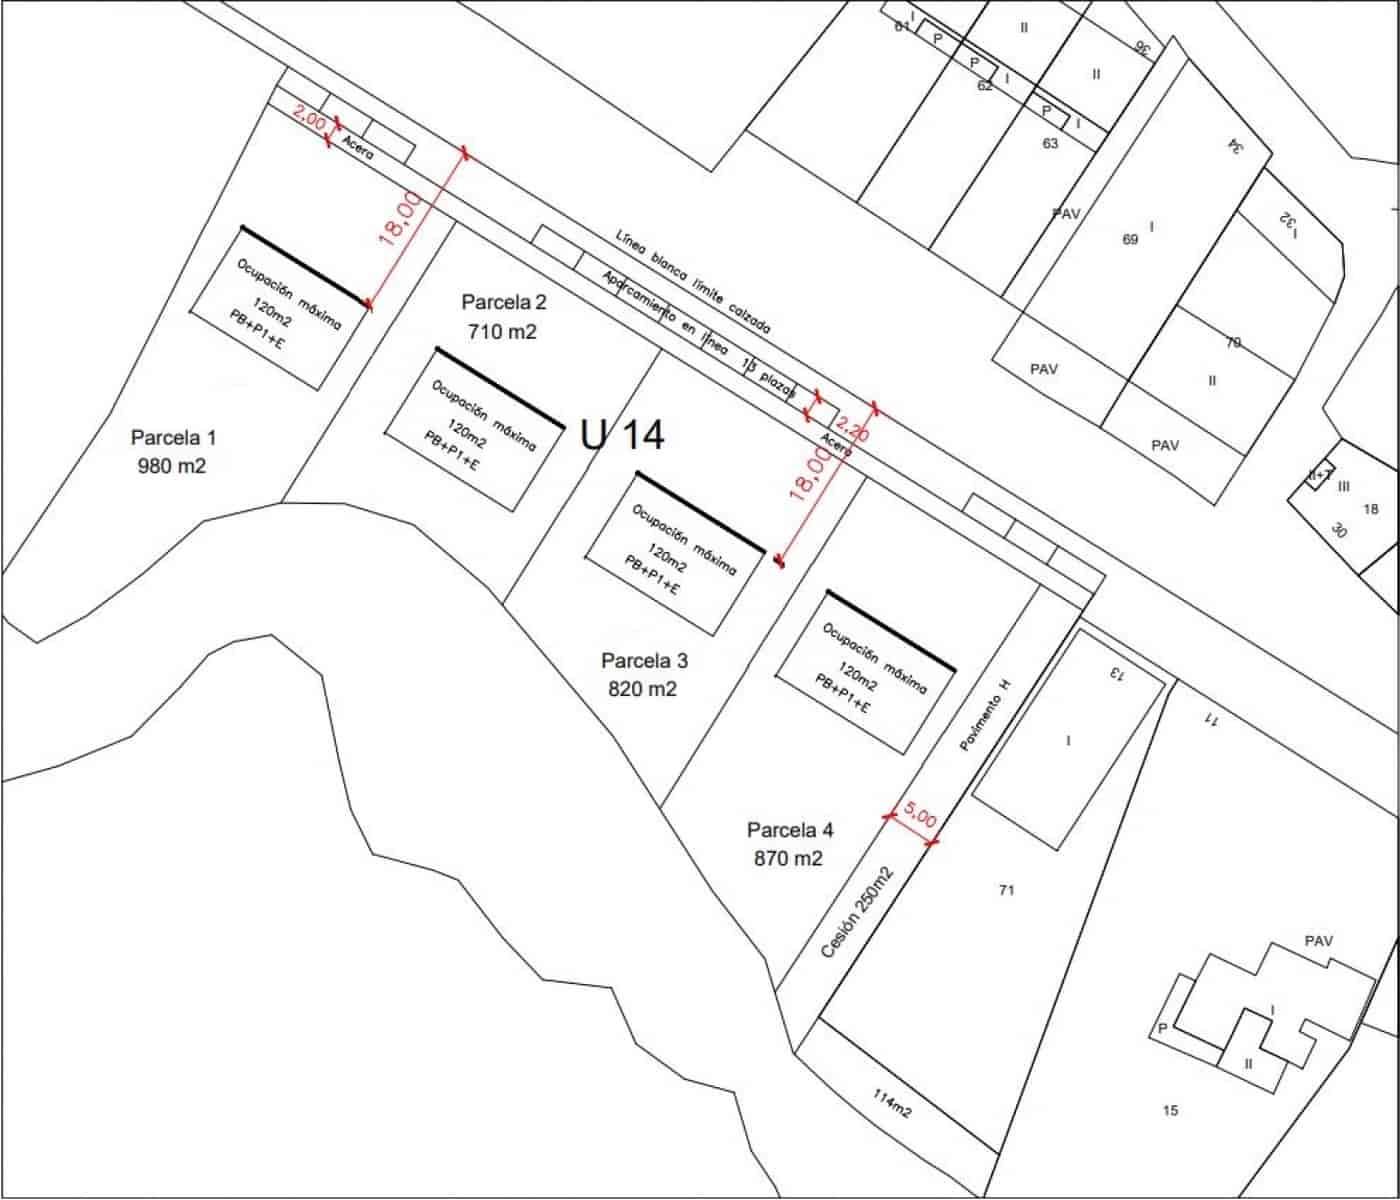 Działka budowlana na sprzedaż w Ibargoiti - 60 623 € (Ref: 5703546)